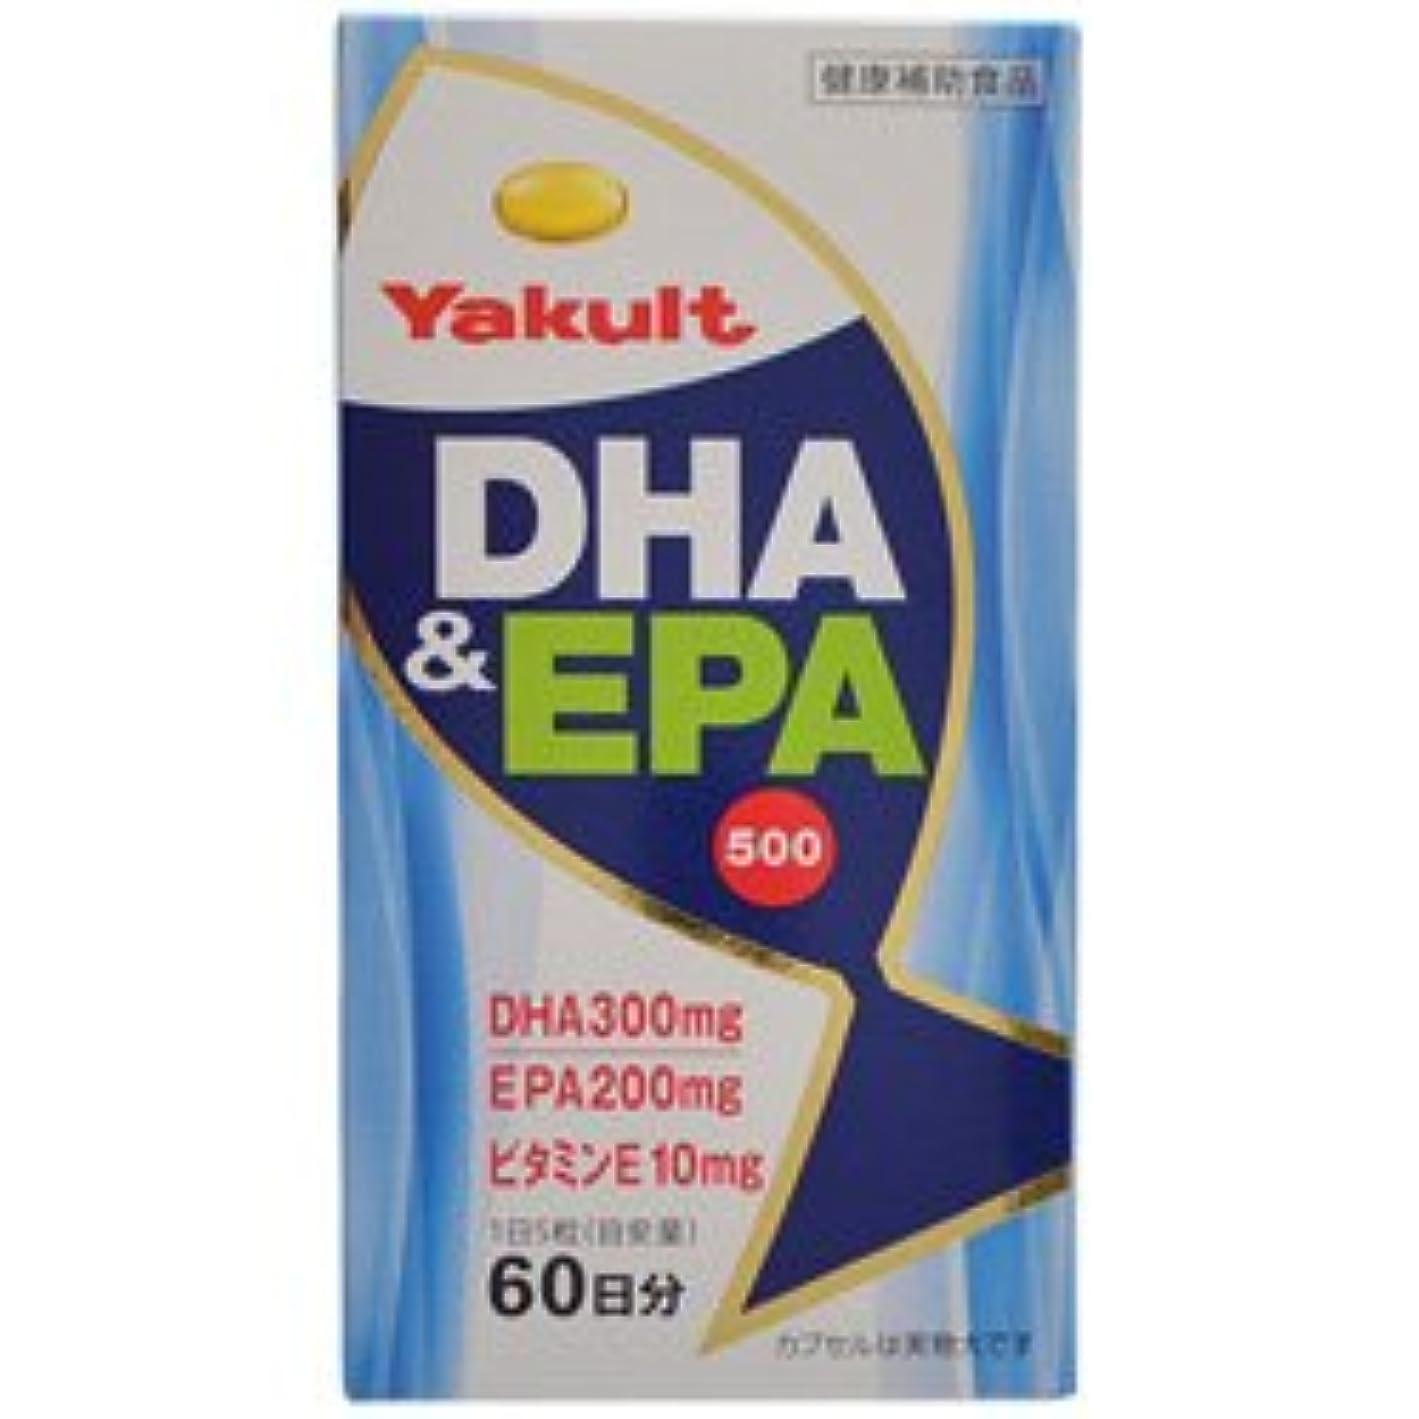 アーネストシャクルトン俳句大気【ヤクルトヘルスフーズ】DHA&EPA 500 300粒 ×5個セット